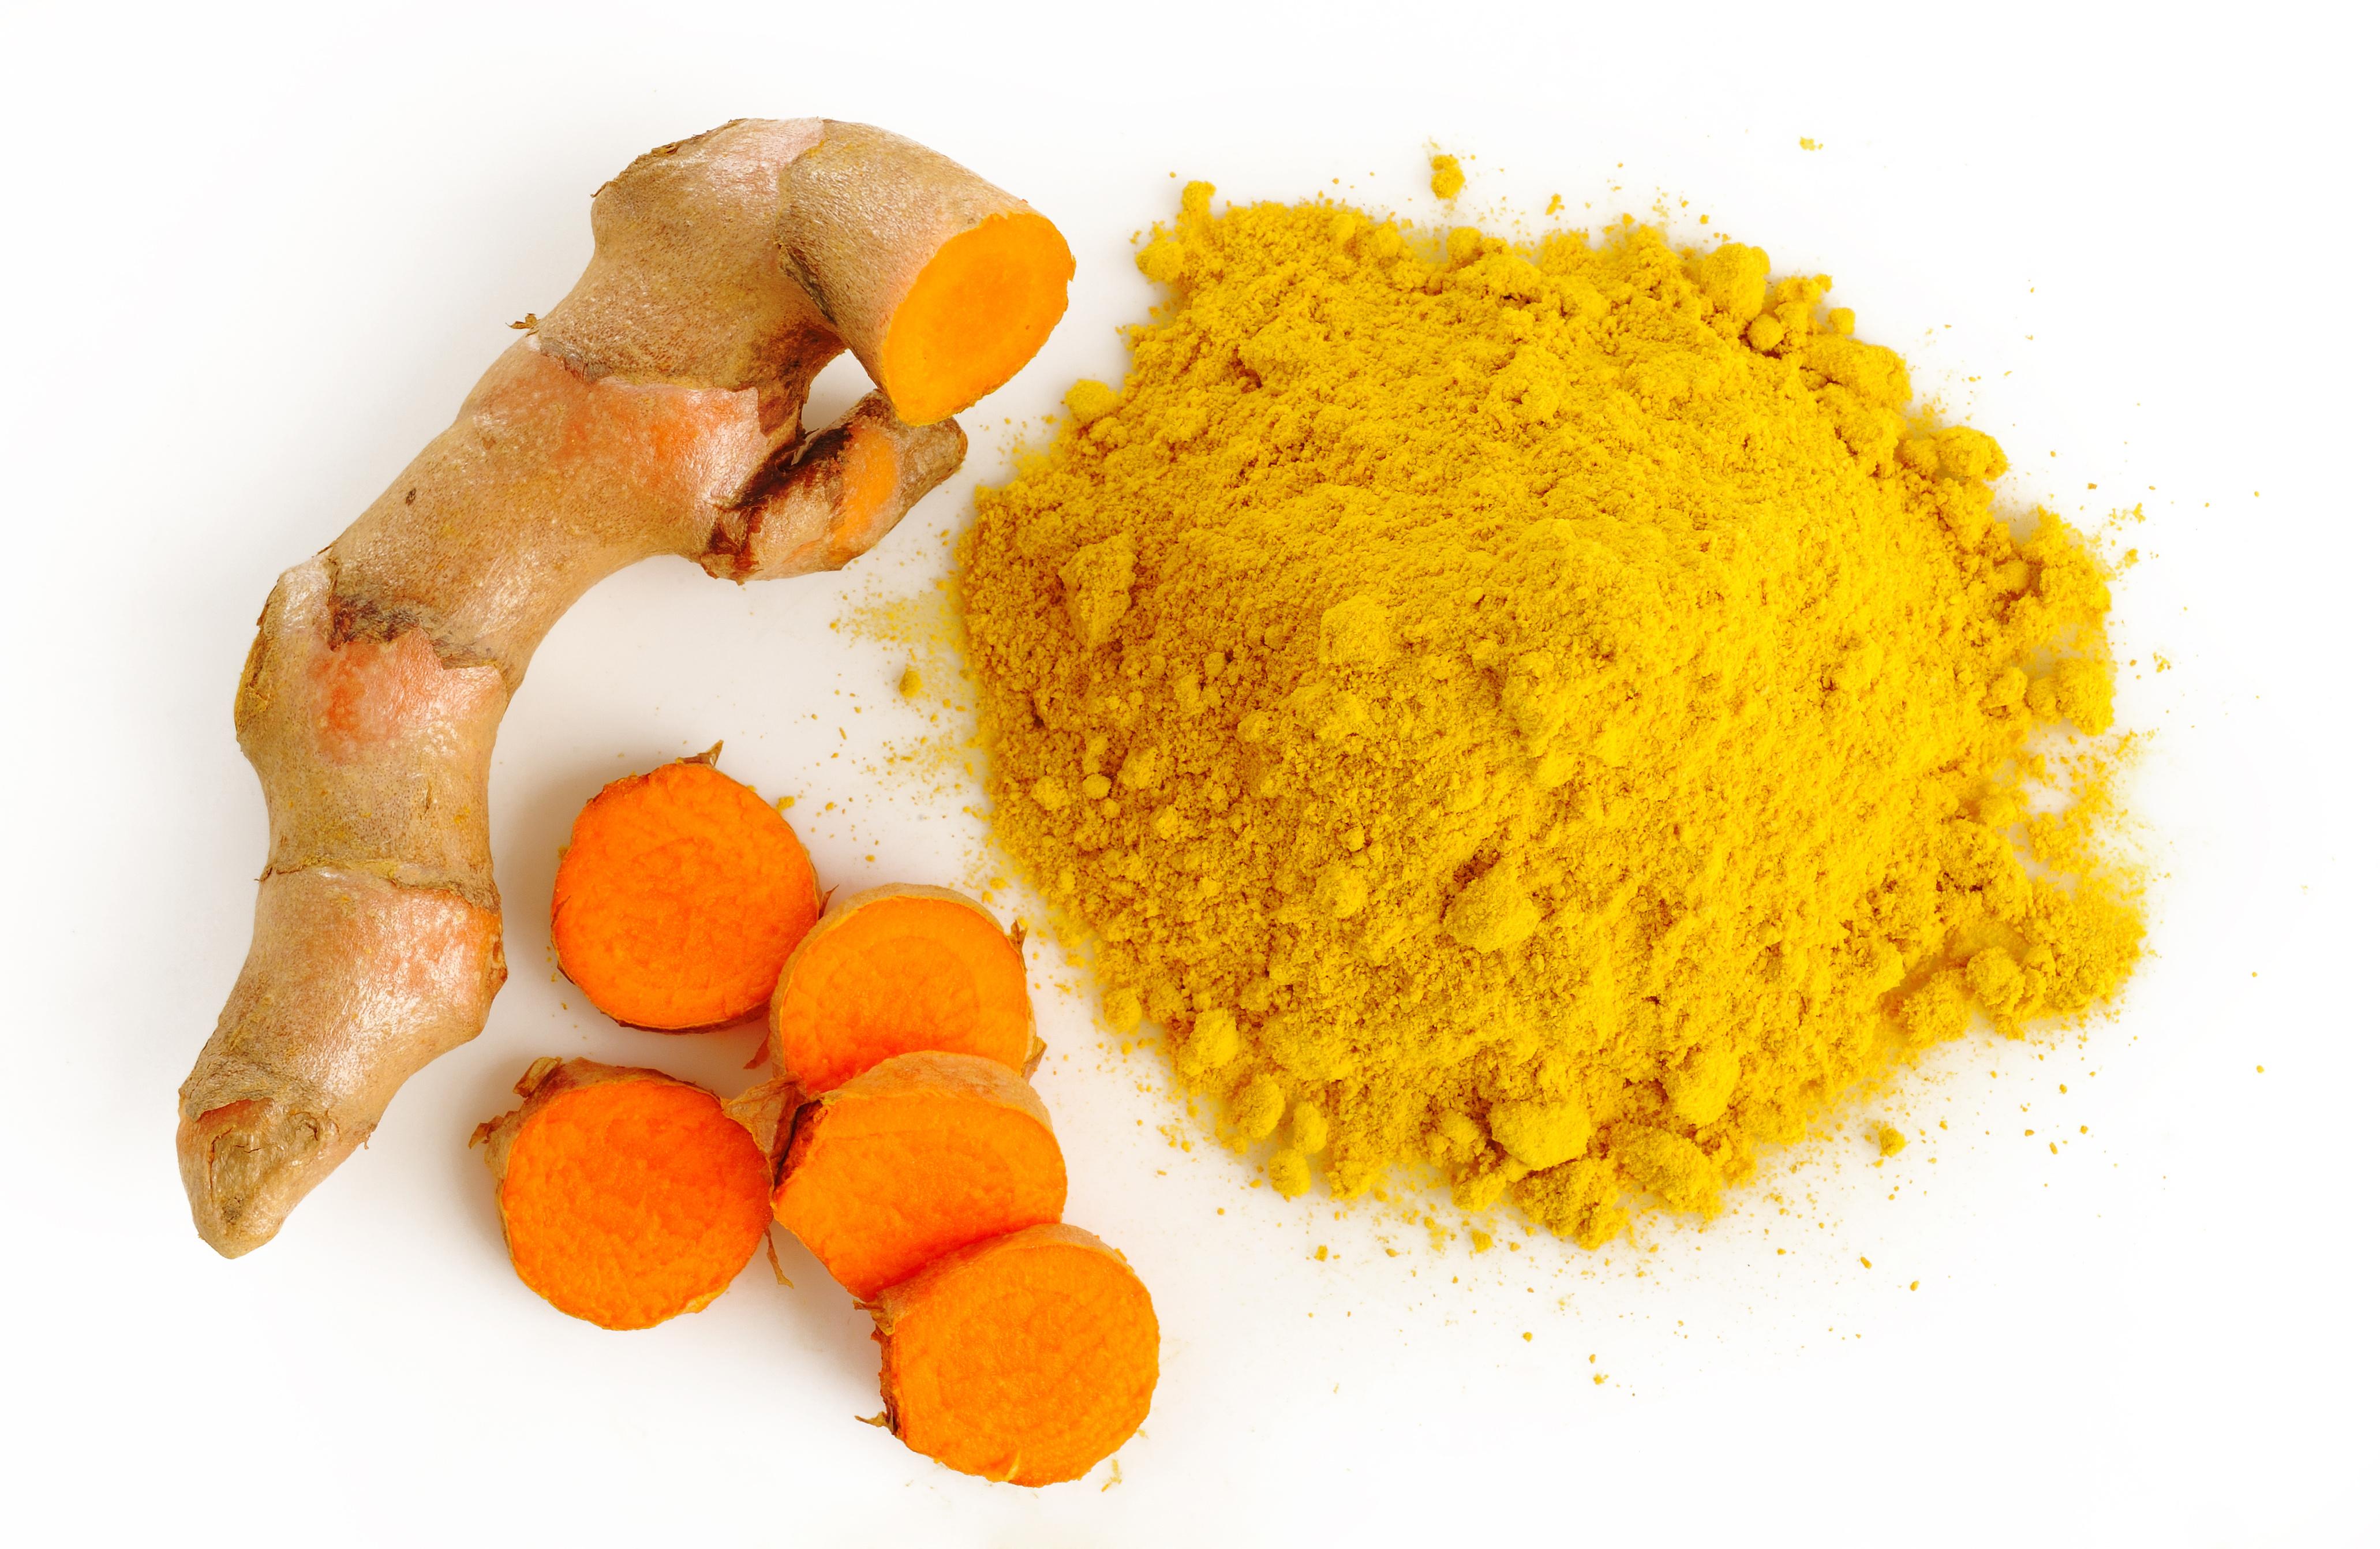 turmueric powdersको लागि तस्बिर परिणाम